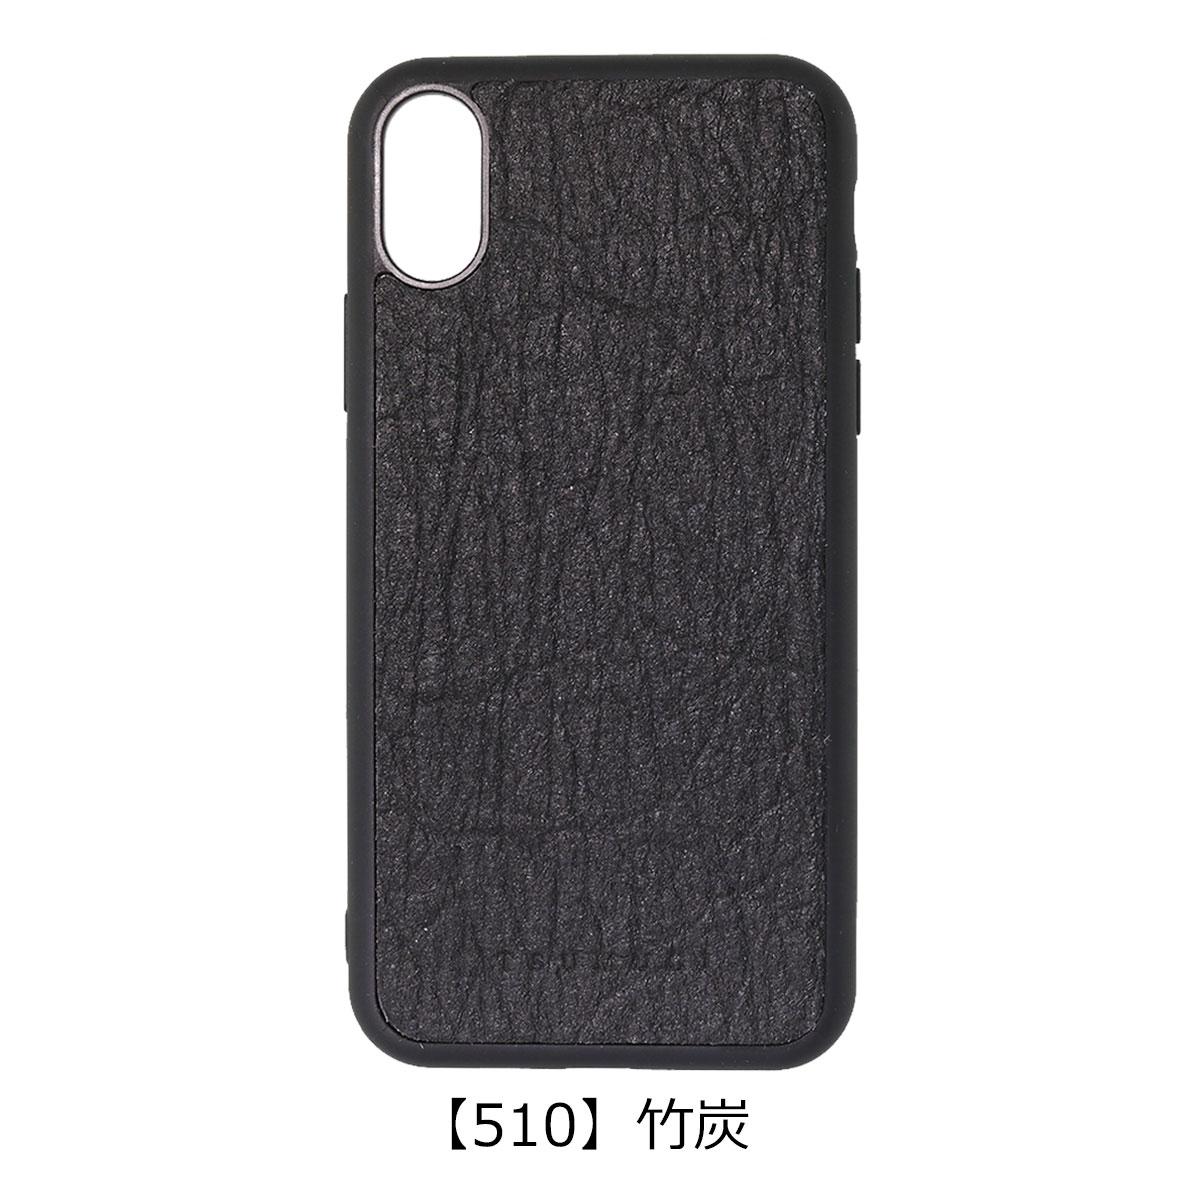 【510】竹炭